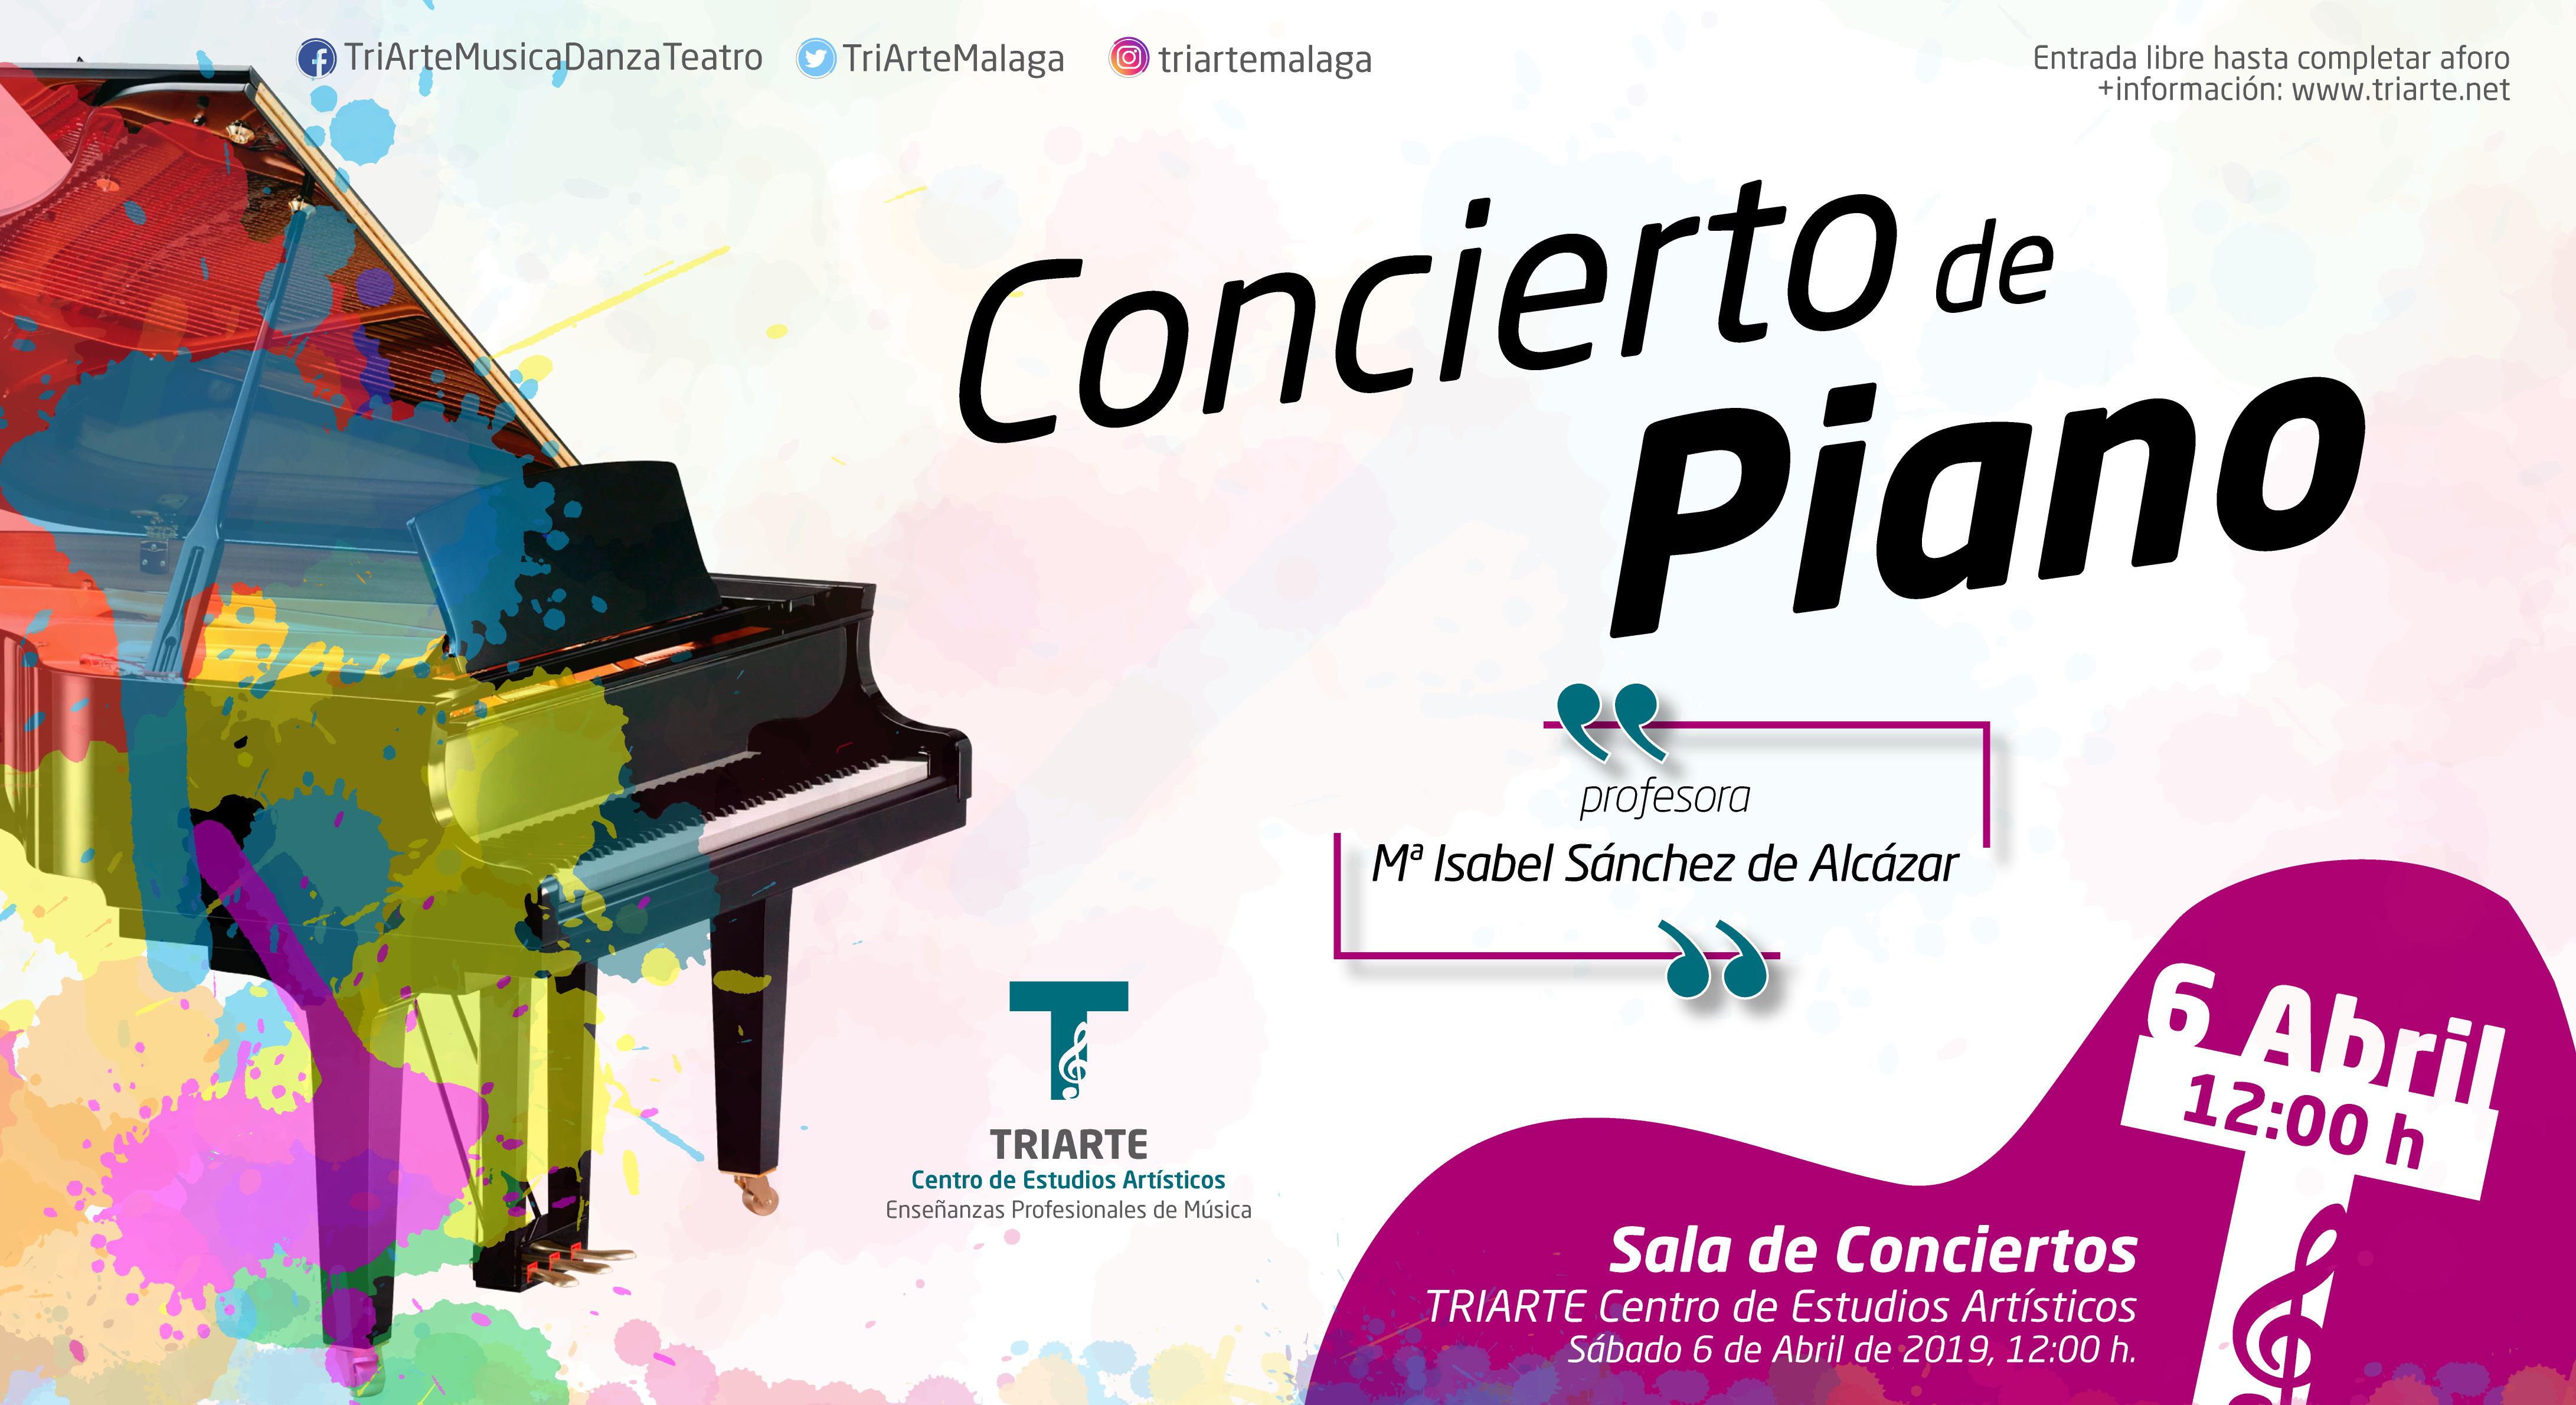 Concierto de Piano. TRIARTE - Centro de Estudios Artísticos. Profesora Mª Isabel Sánchez de Alcázar. Abril 2019.